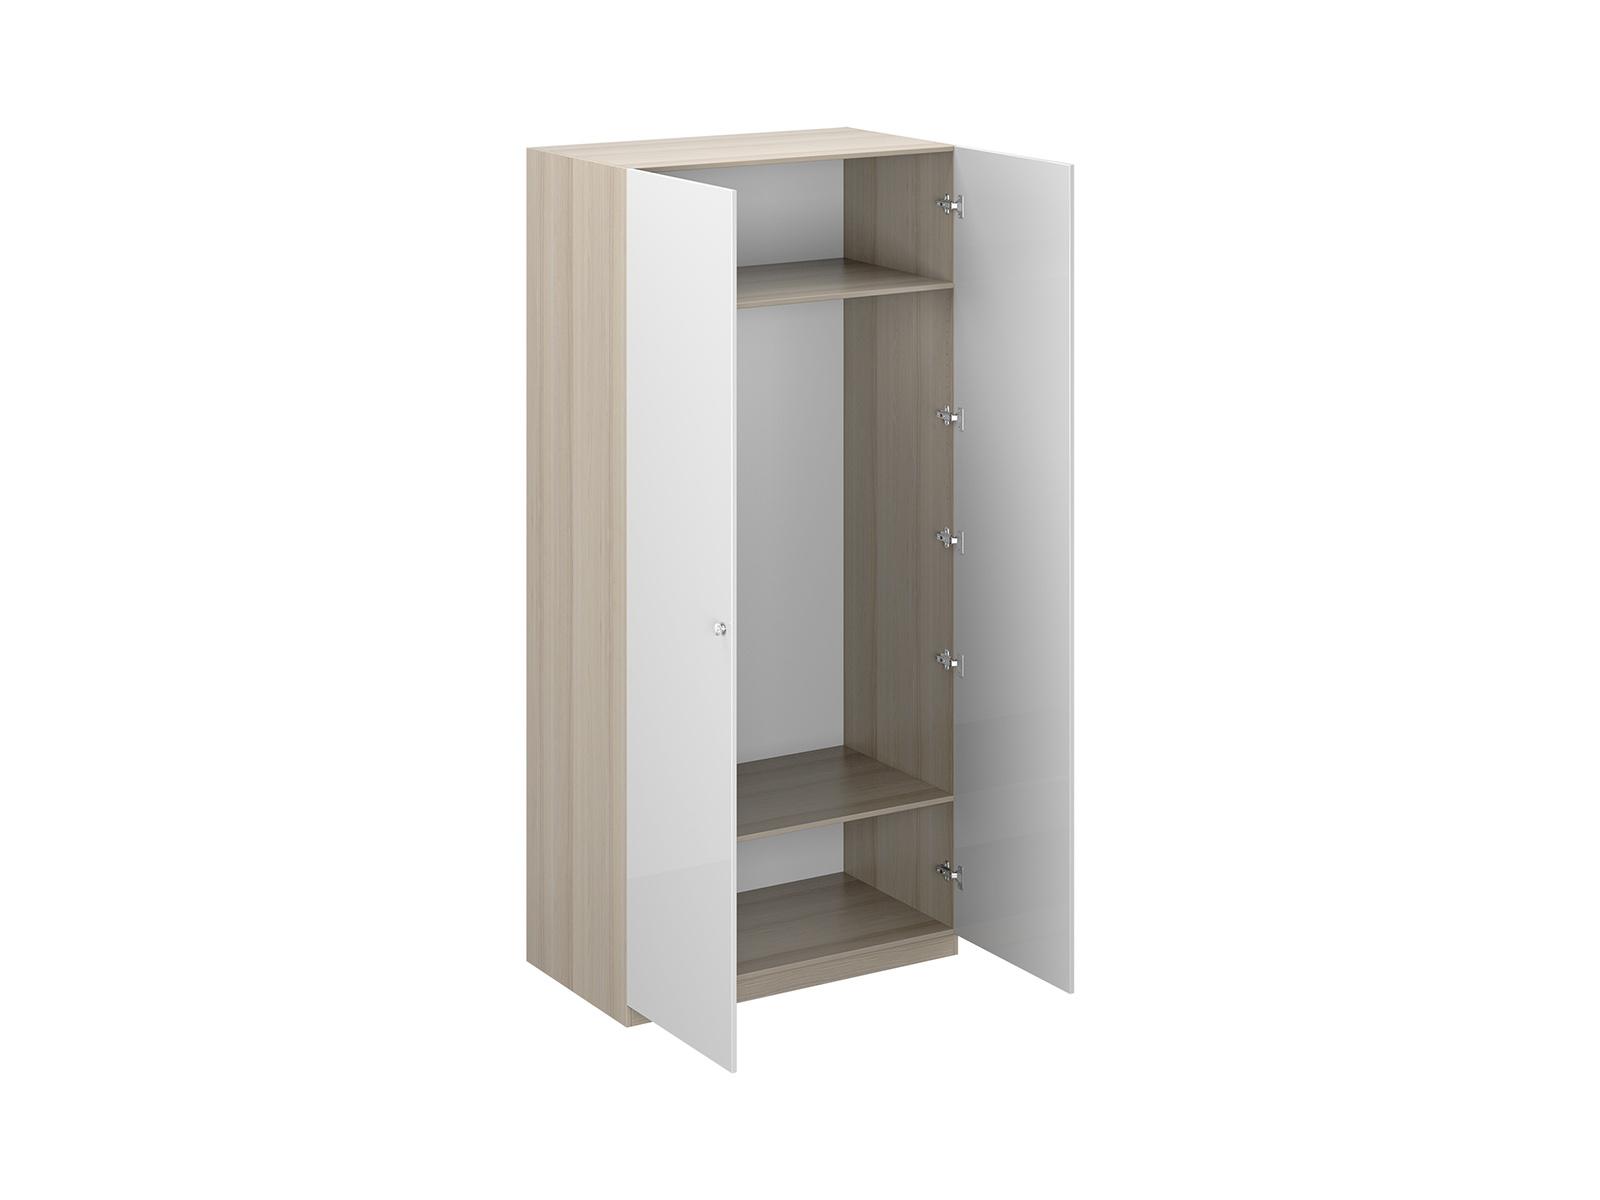 Шкаф Uno Ш2Шкафы<br>Шкаф двухдверный с одной стационарной верхней и одной съемной нижней полками. Установлен на регулируемые опоры. Данную мебель рекомендуется крепить к стене. Ручки и внутренние элементы продаются отдельно.<br>